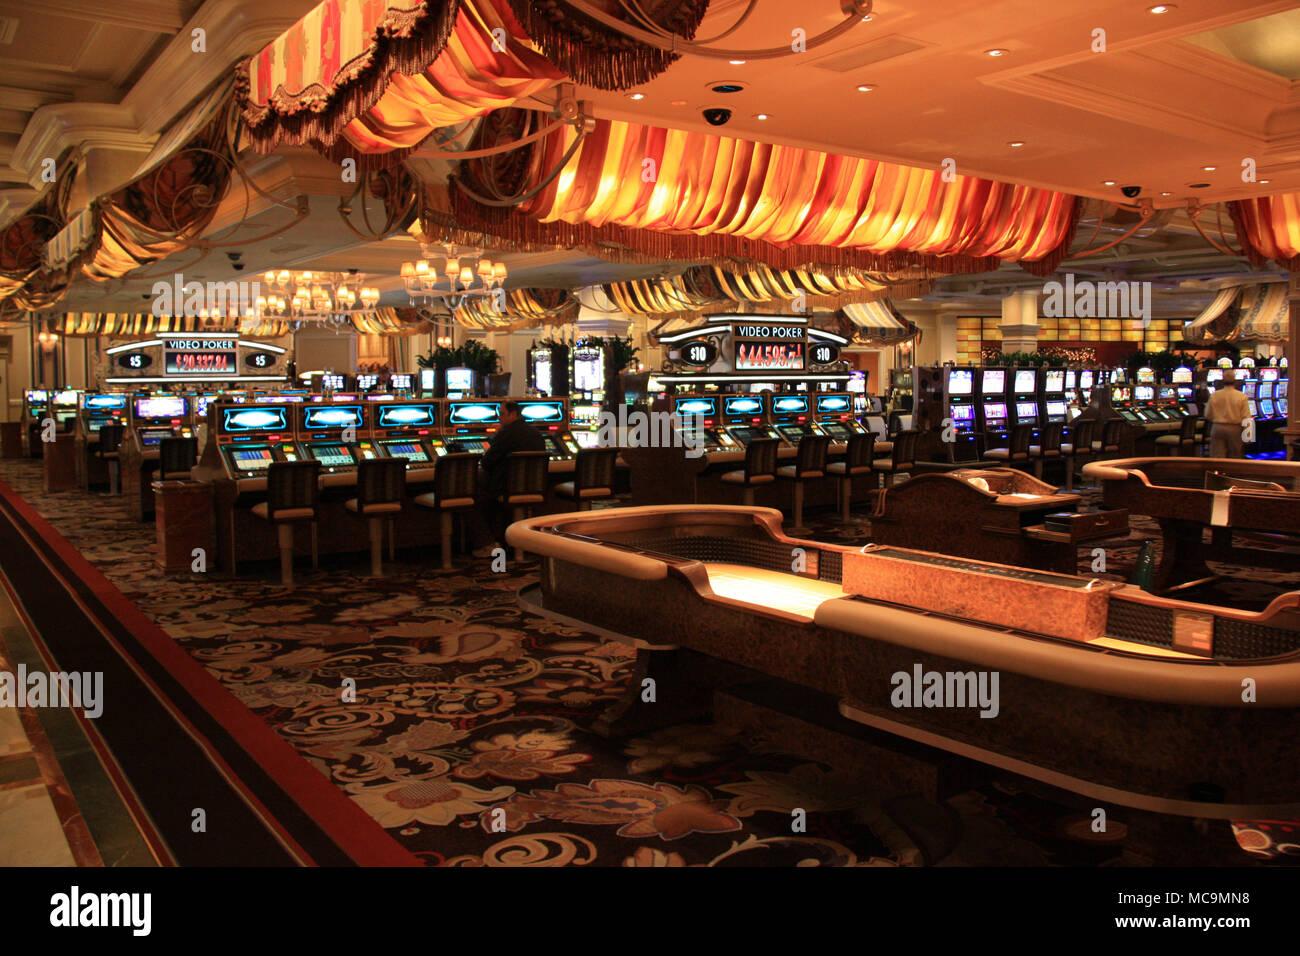 Club world casinos schwedische flagge